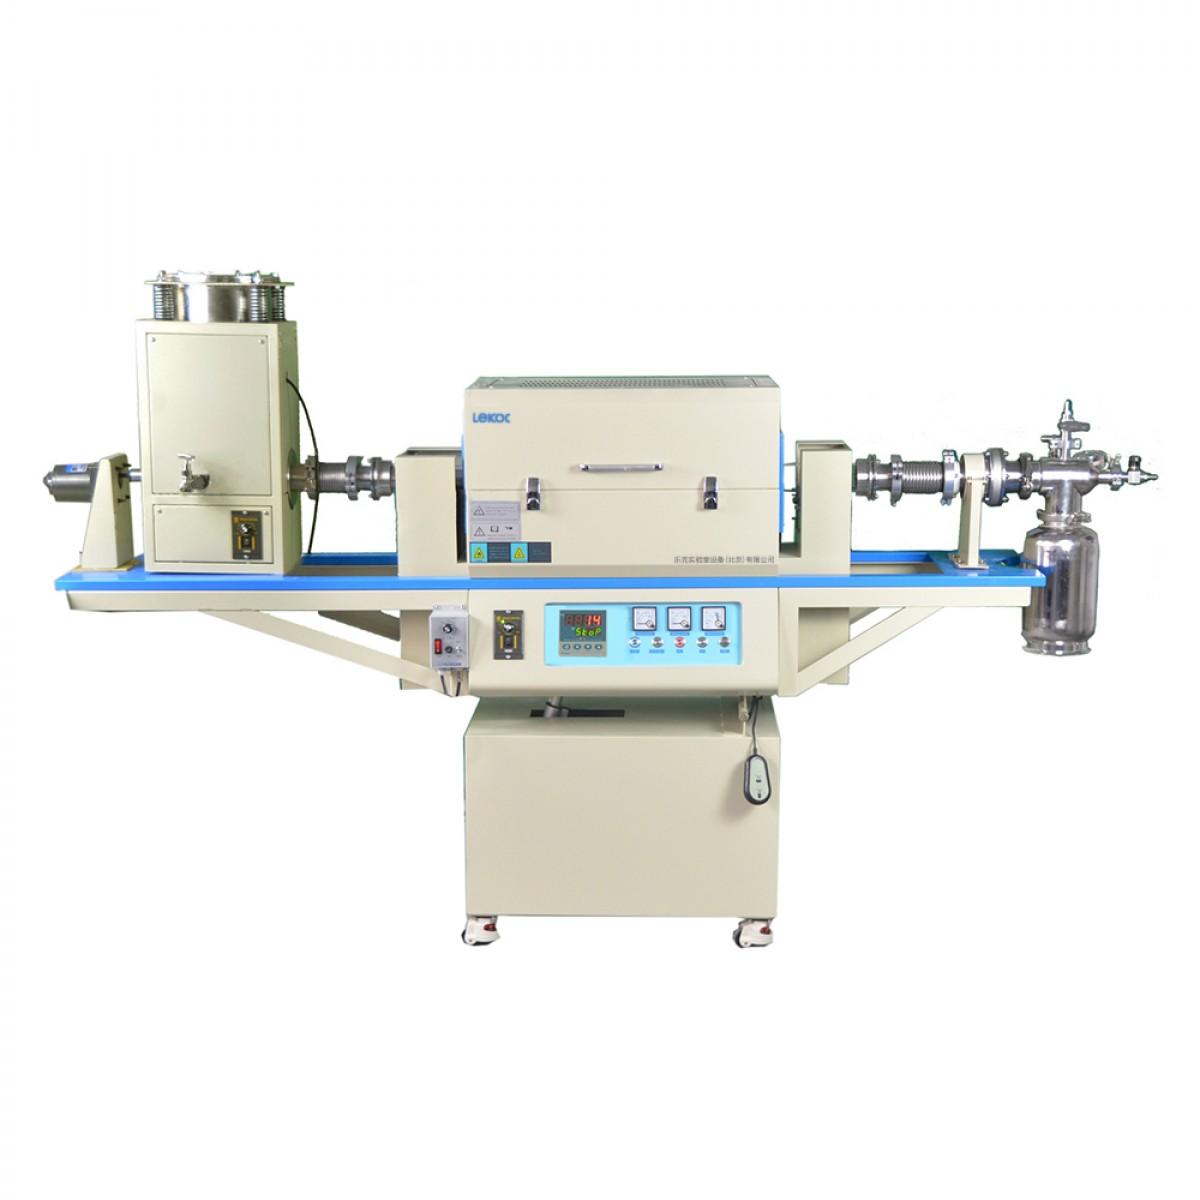 乐克严选 LEKOC RTL1200单温区转动管式炉(带自动进料系统和收料器)